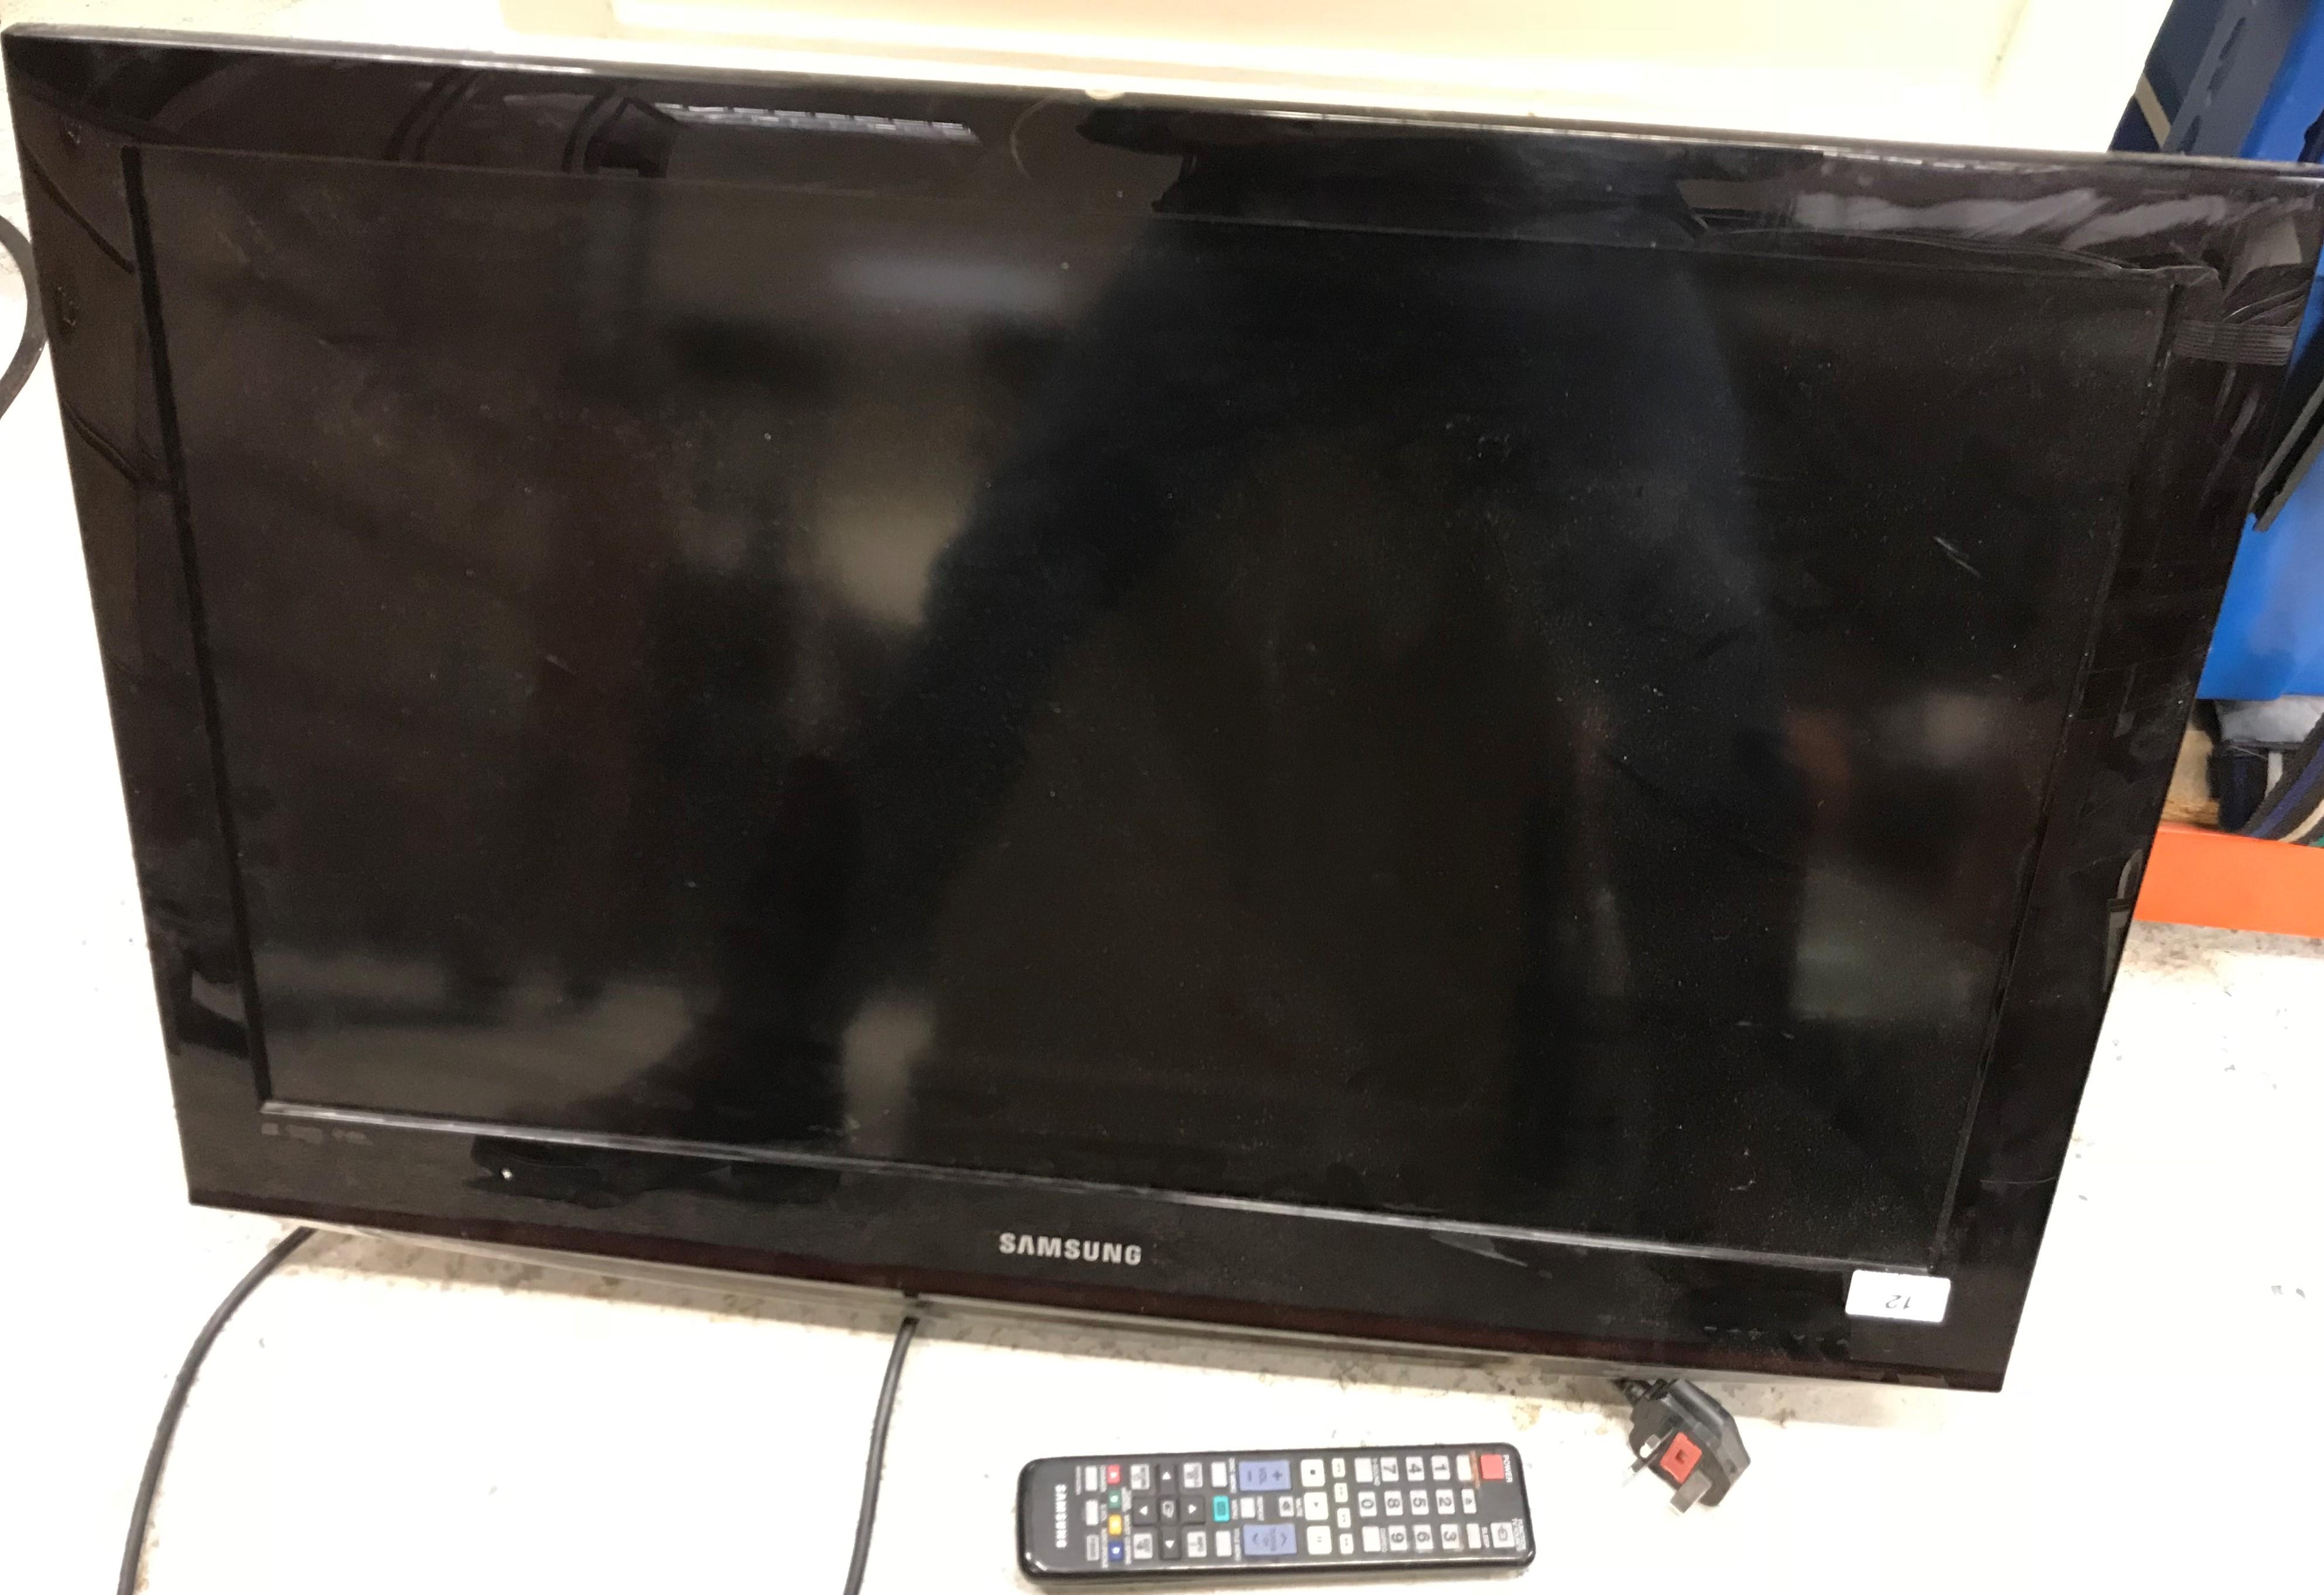 A Samsung model LE32C450E1W colour television with remote control